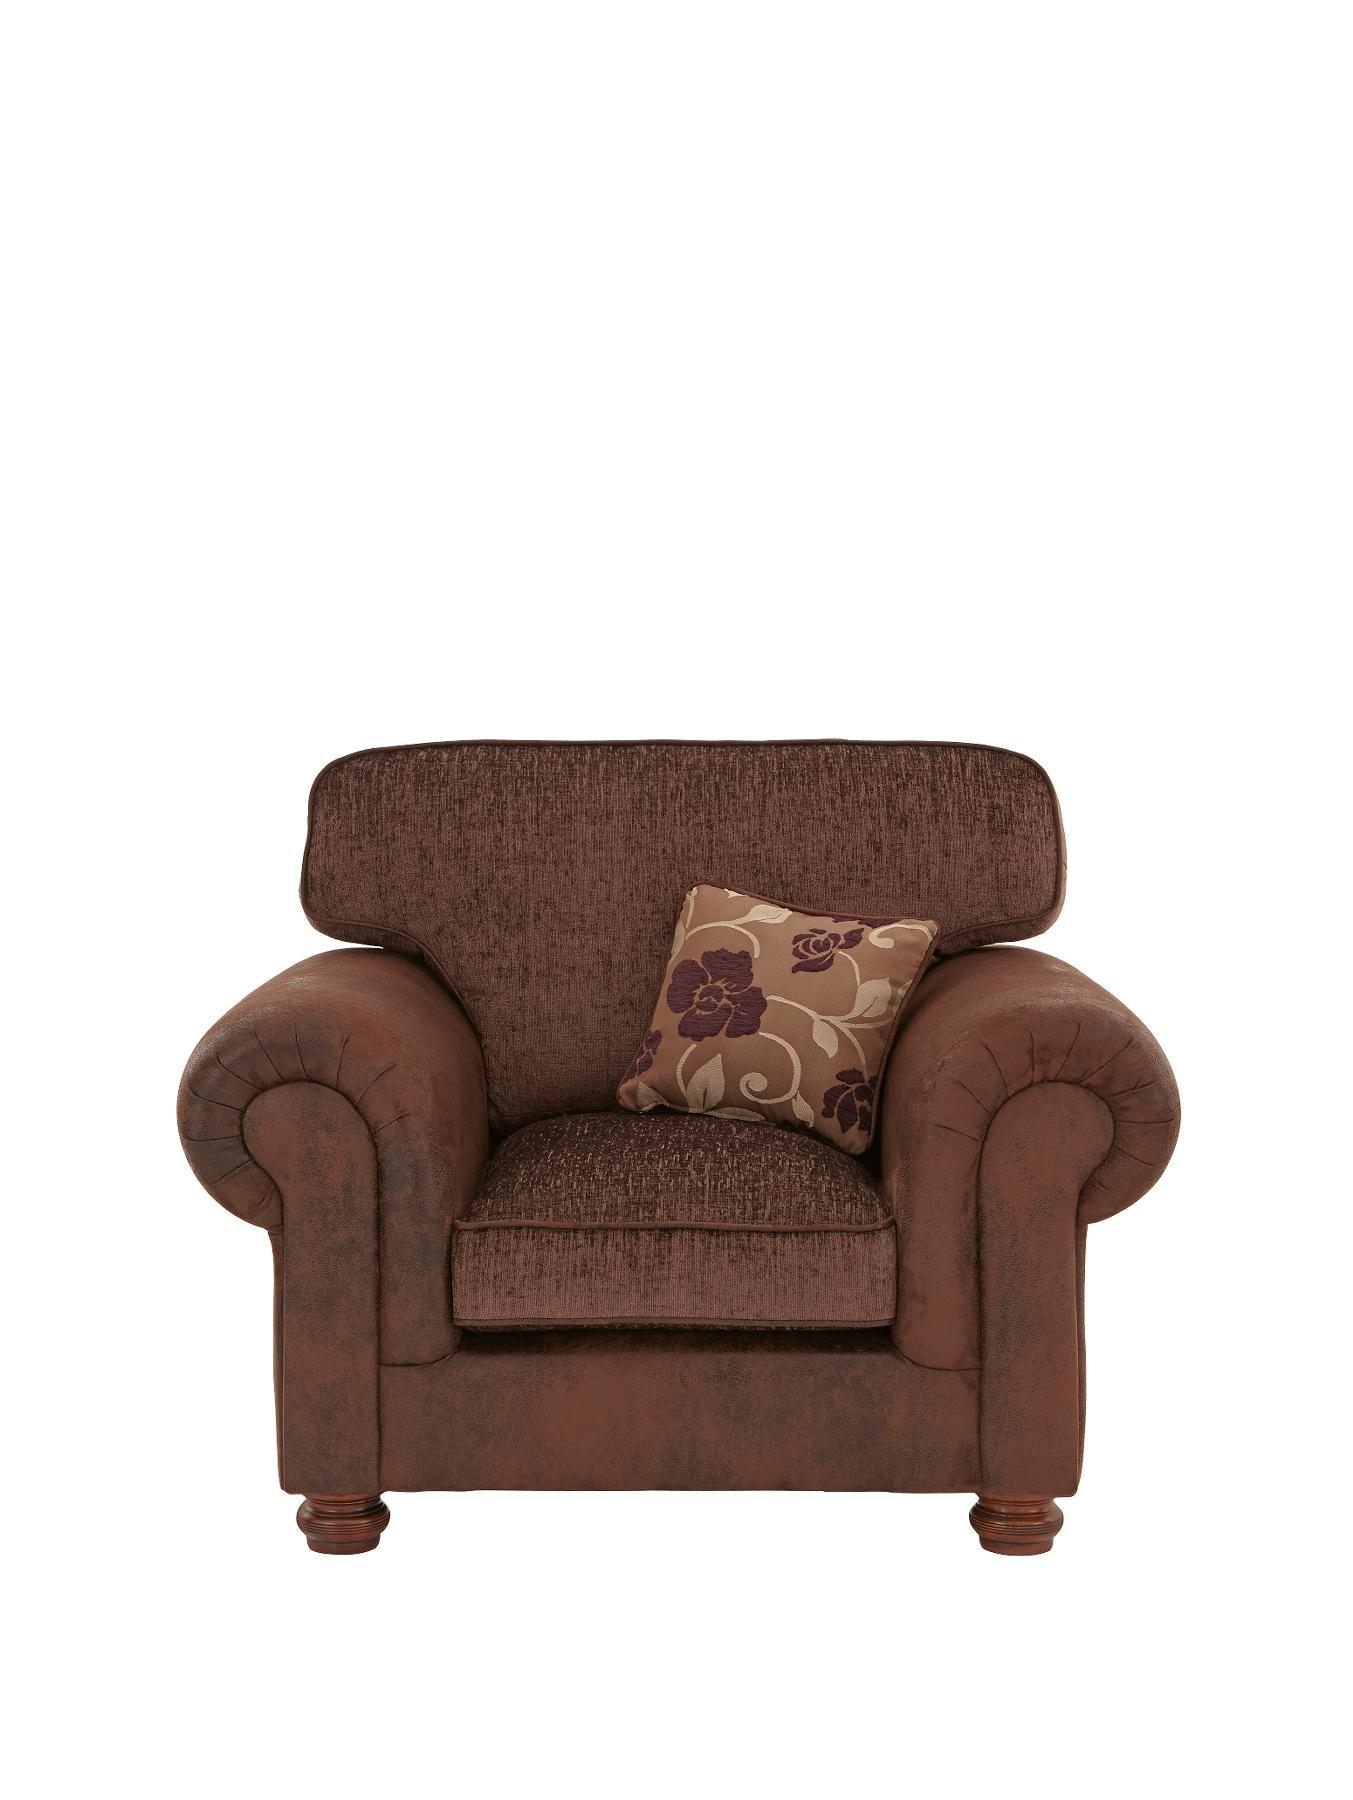 Astley Armchair, Chocolate,Black